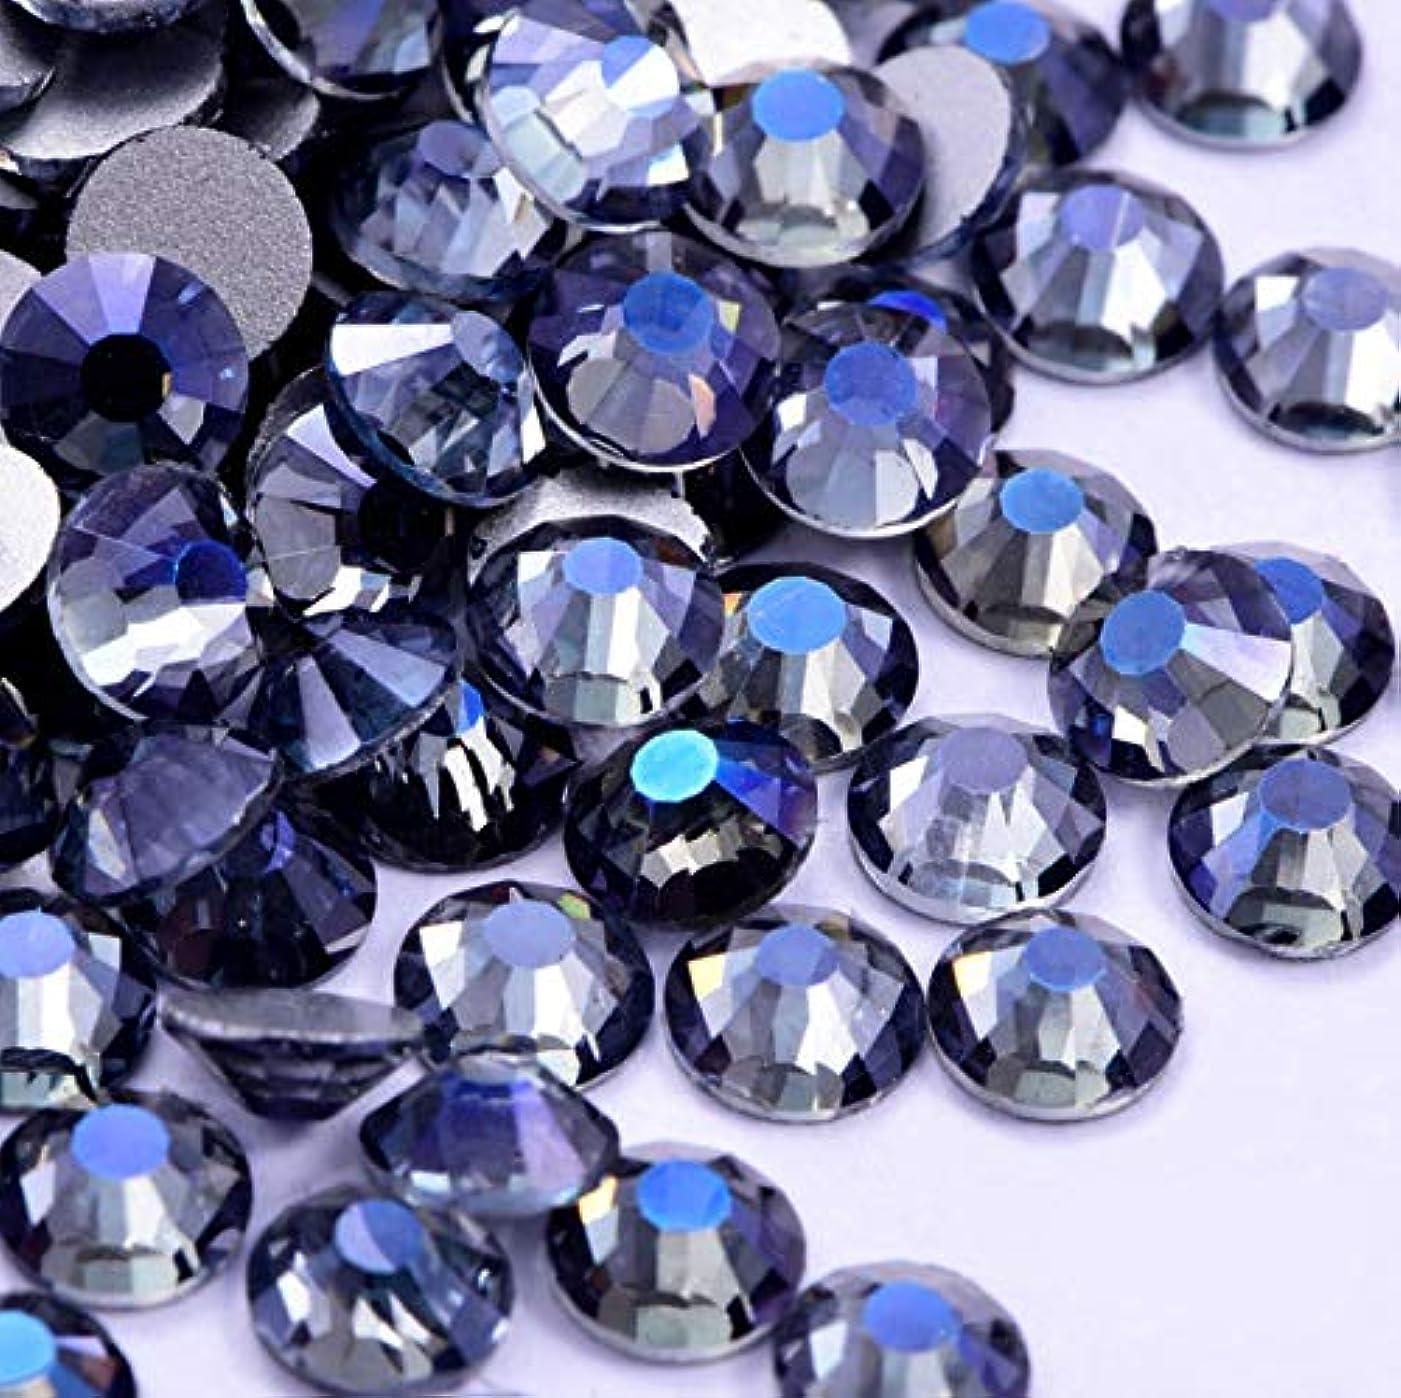 製油所あなたが良くなりますきらめき【ラインストーン77】高品質ガラス製ラインストーン 色/サイズ選択可 SS3~SS50 スワロフスキー同等 (パープルゴースト, SS20:約4.7mm(約120粒))